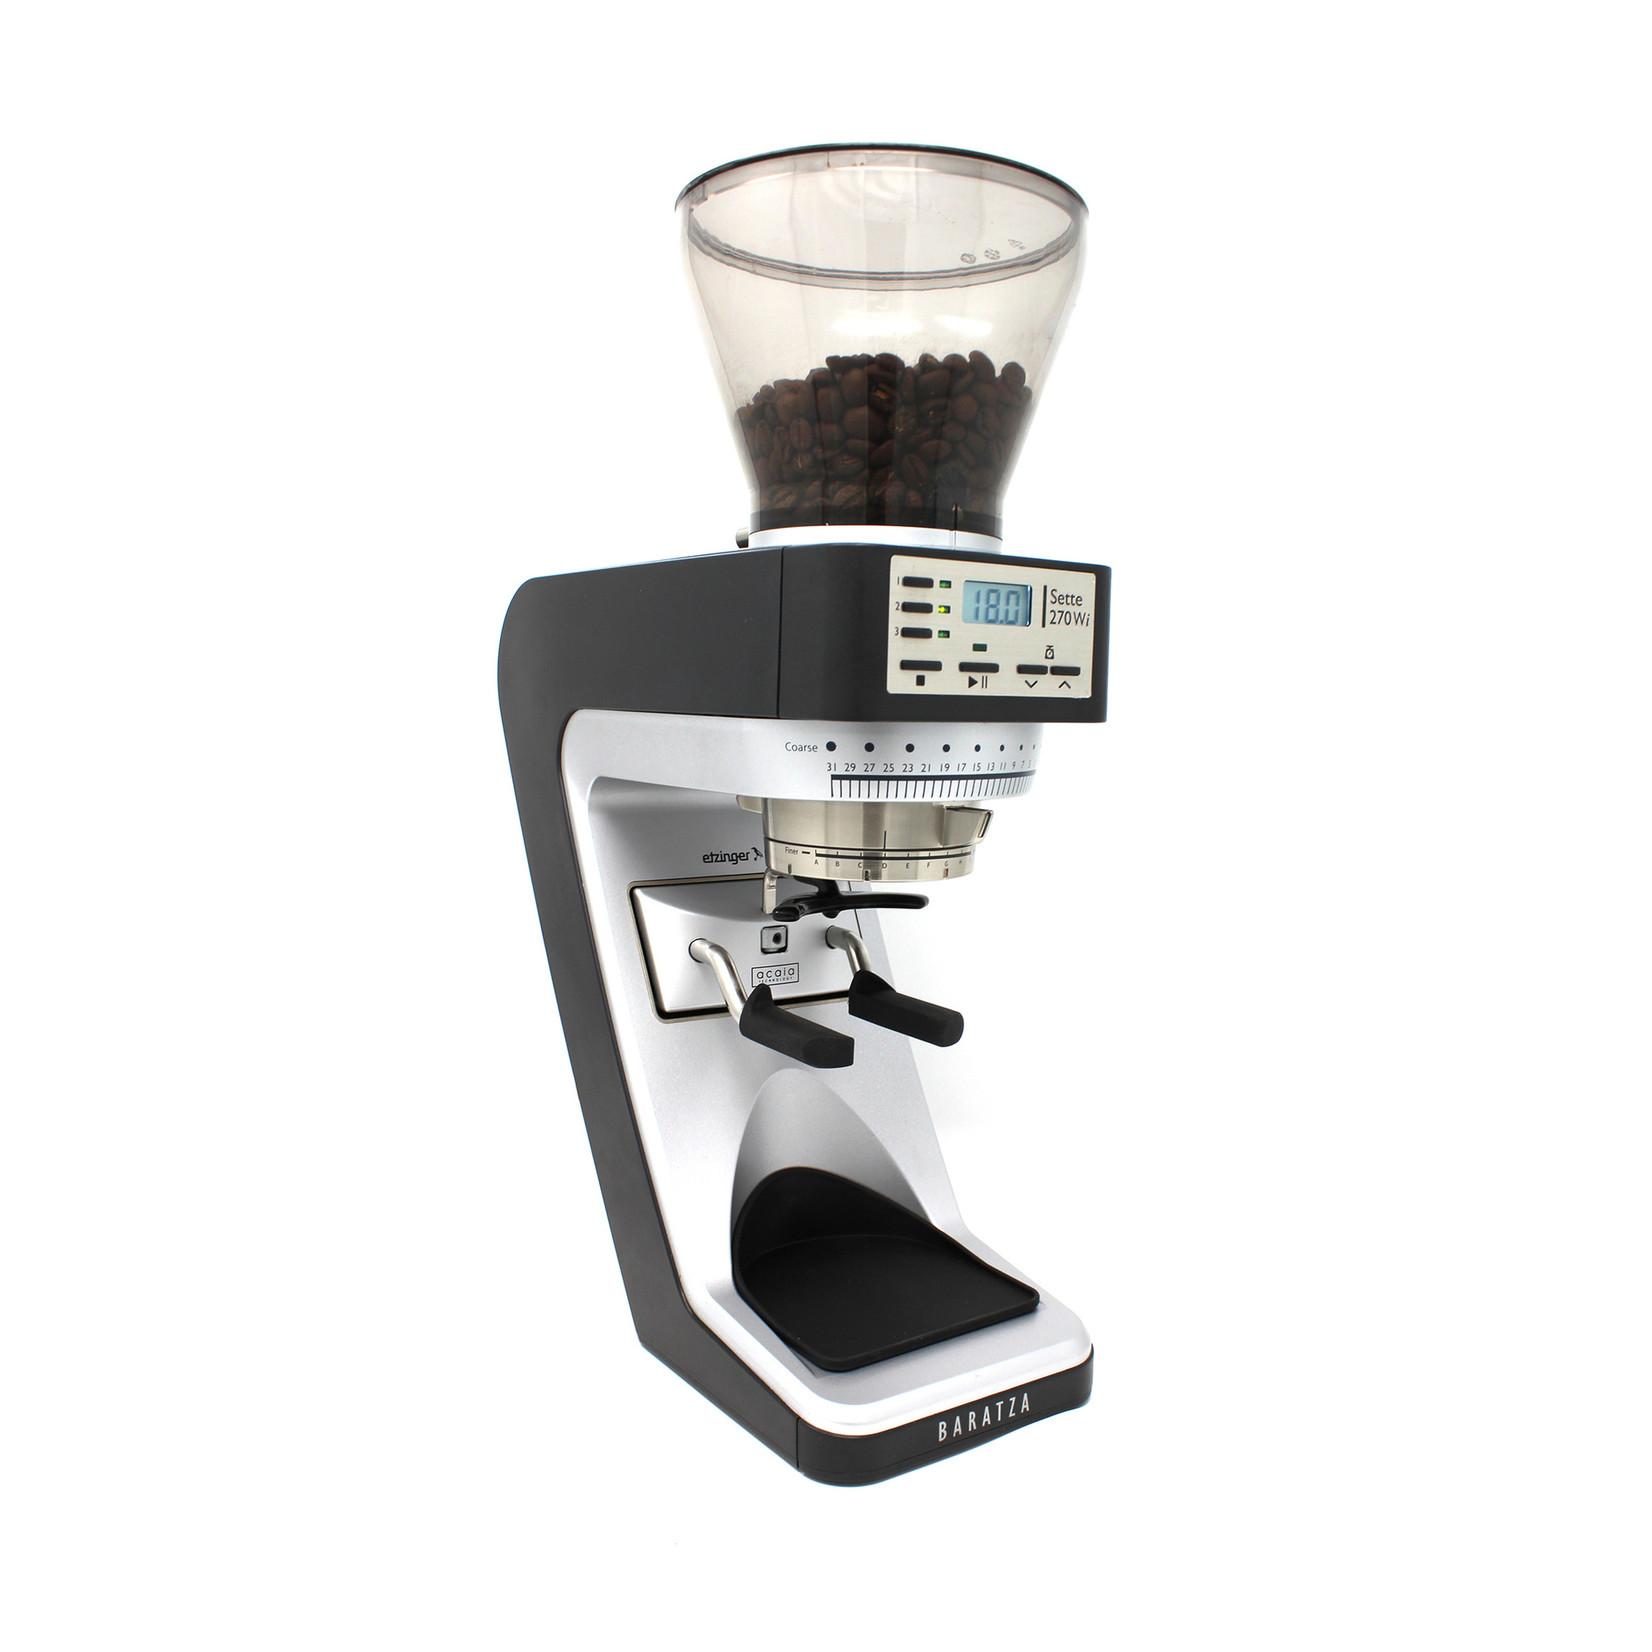 Baratza Baratza Sette Bonenmalen/Koffiemolen Met weegfunctie